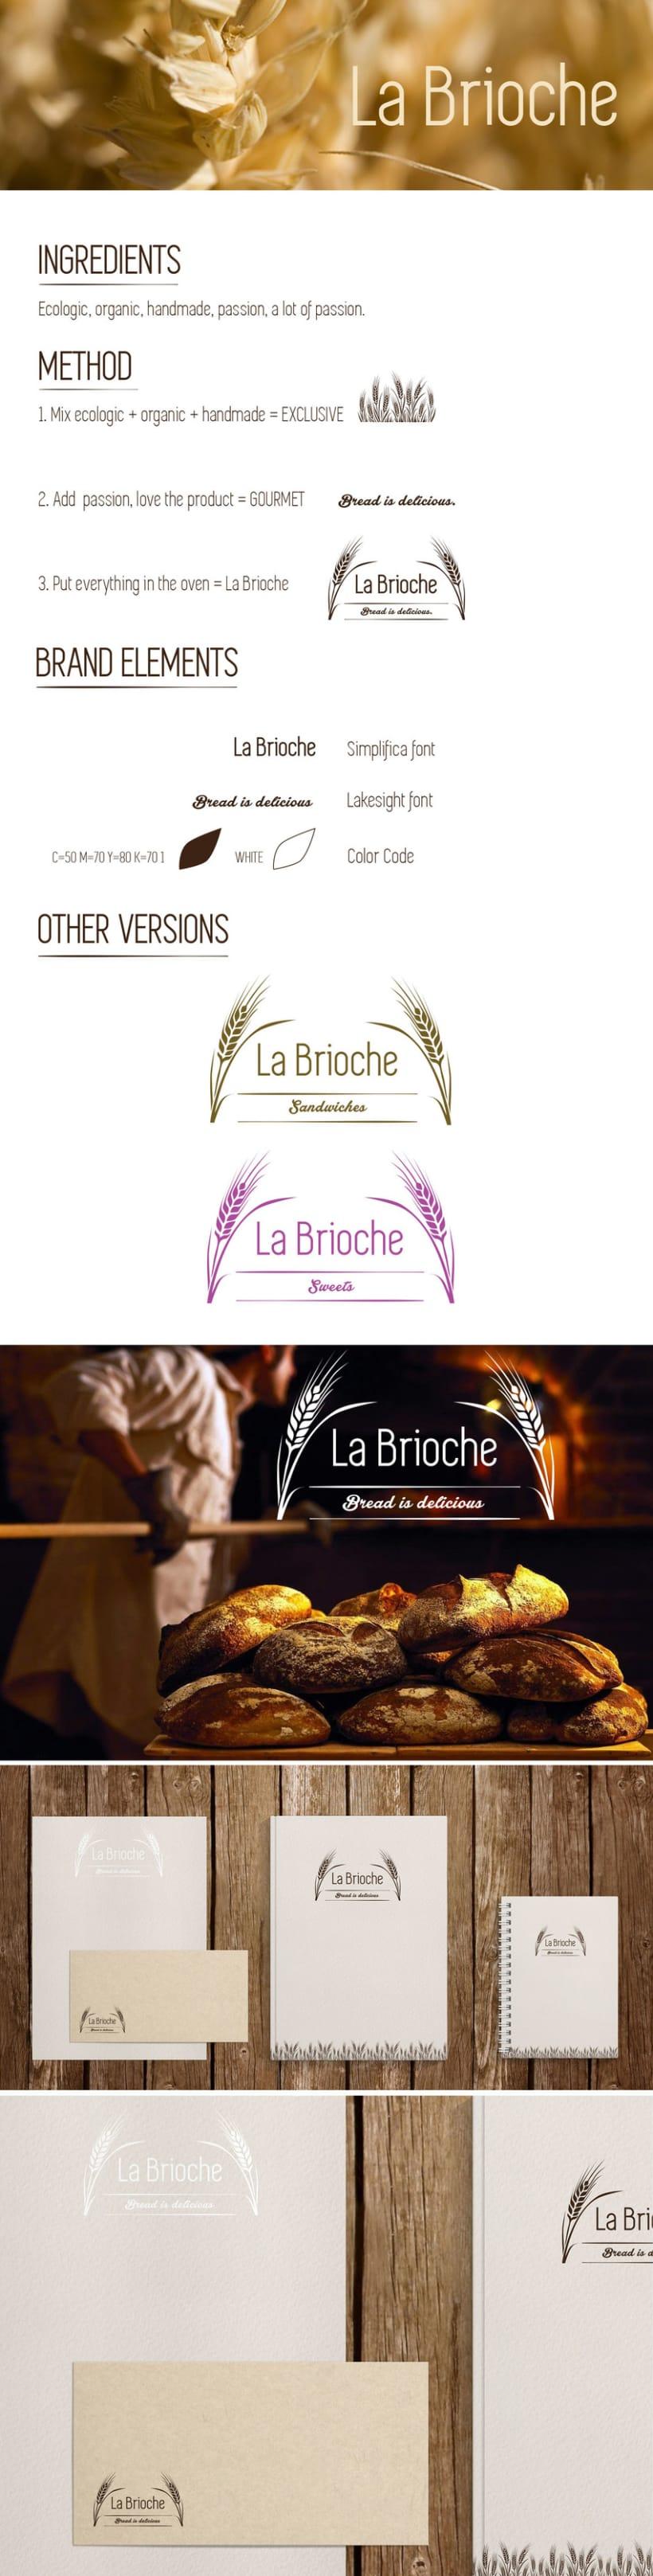 La Brioche 0